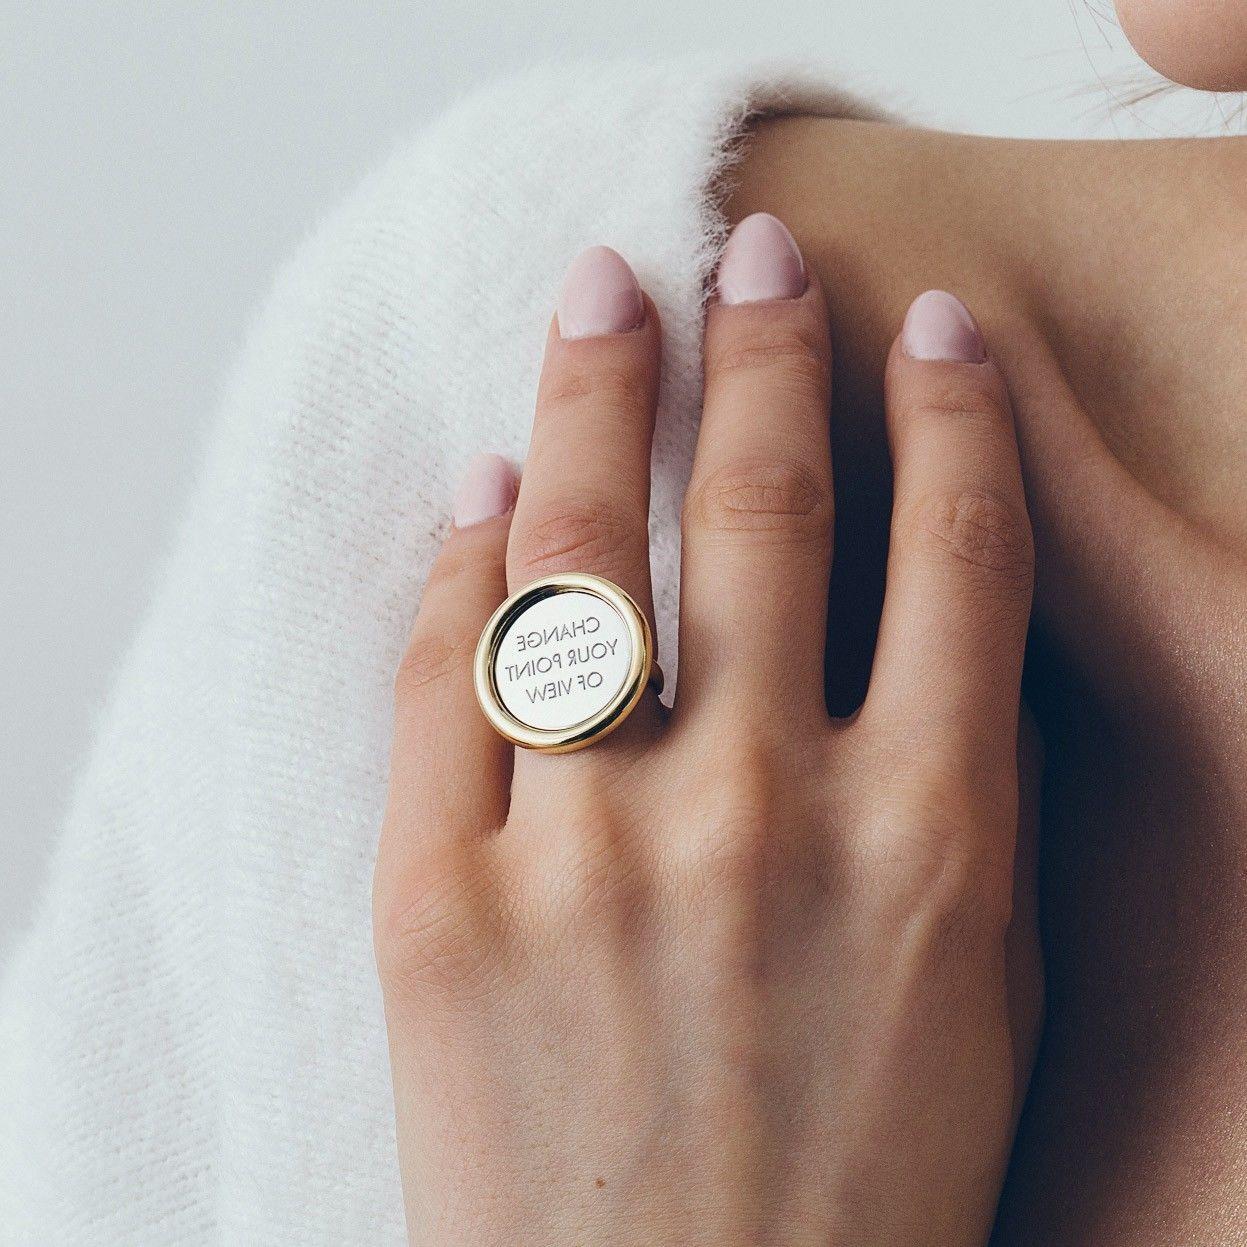 Srebrny pierścionek lustro, grawer, srebro 925 : ROZMIAR PIERŚCIONKA - 11 UK:L 16,00 MM, Srebro - kolor pokrycia - Pokrycie platyną